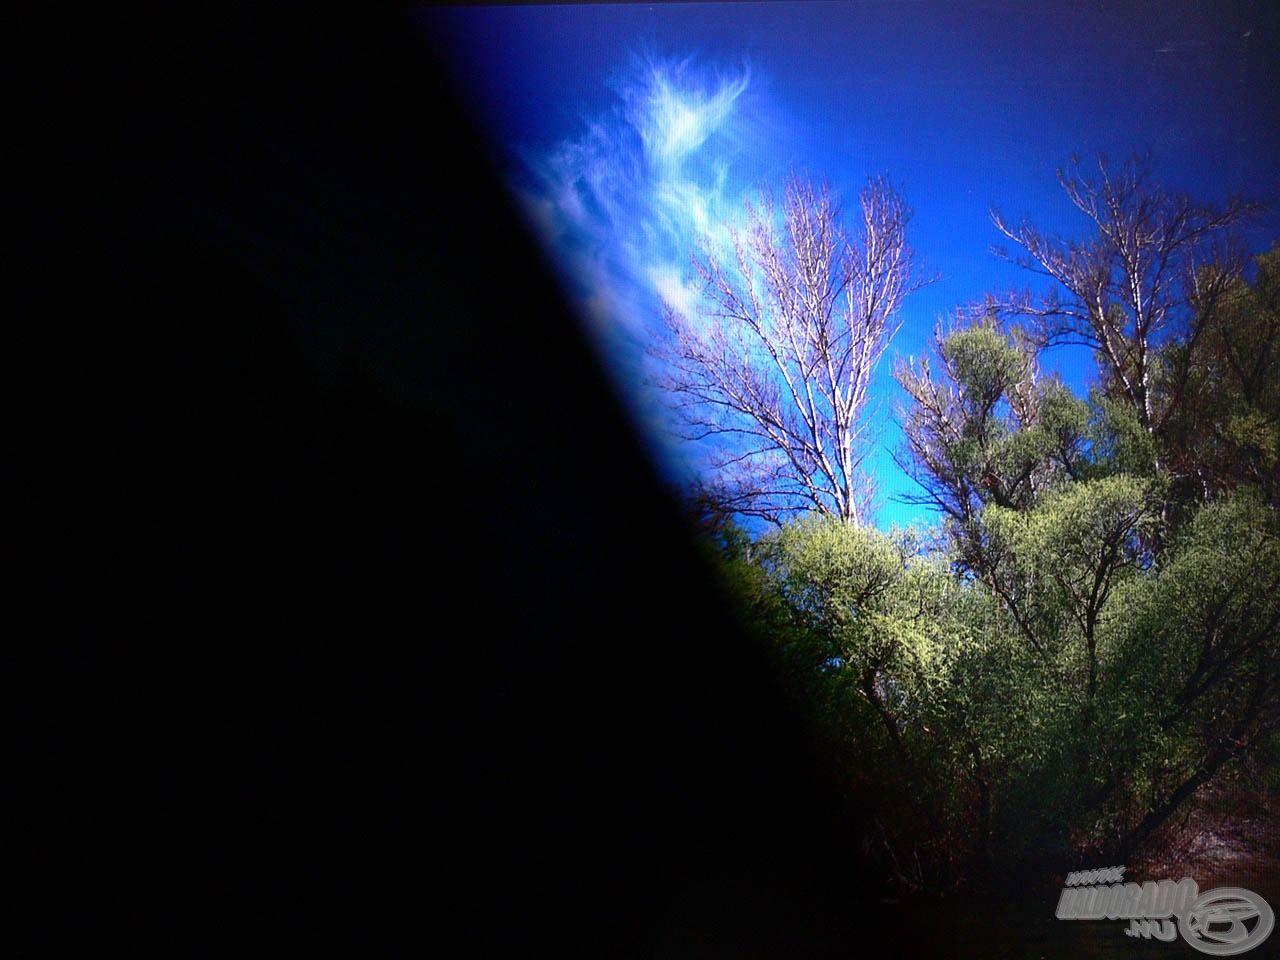 """A kép bal oldalát nem takartuk le semmivel, pontosabban a polarizációs réteggel ellátott, 45 fokban megdöntött napszemüveg """"takarja"""" ki a képet"""